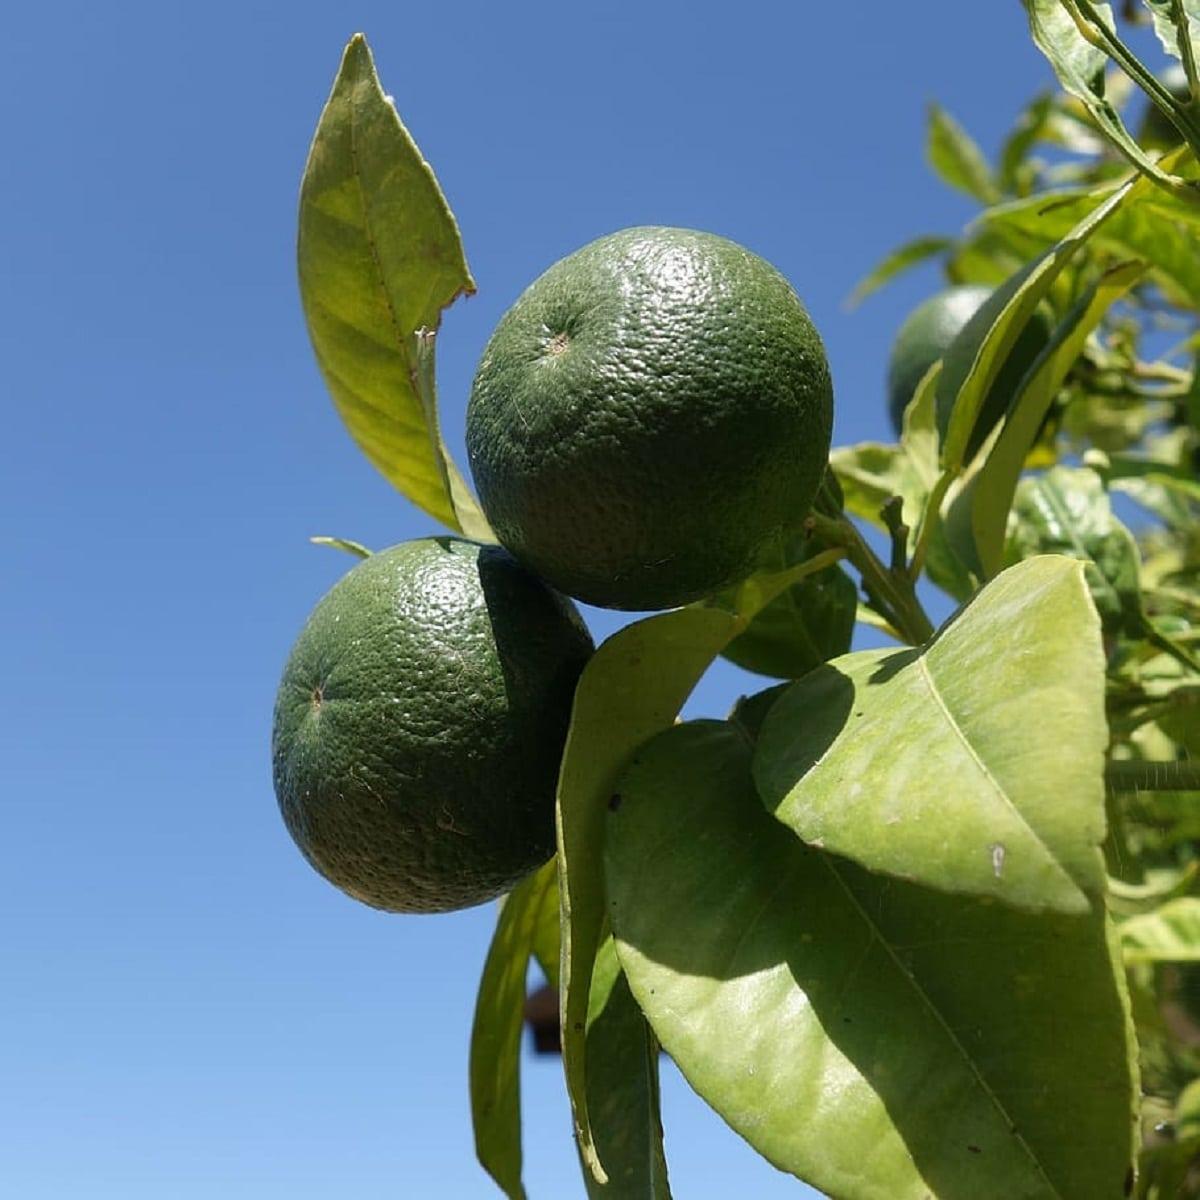 La lima es un frutal con distintos usos